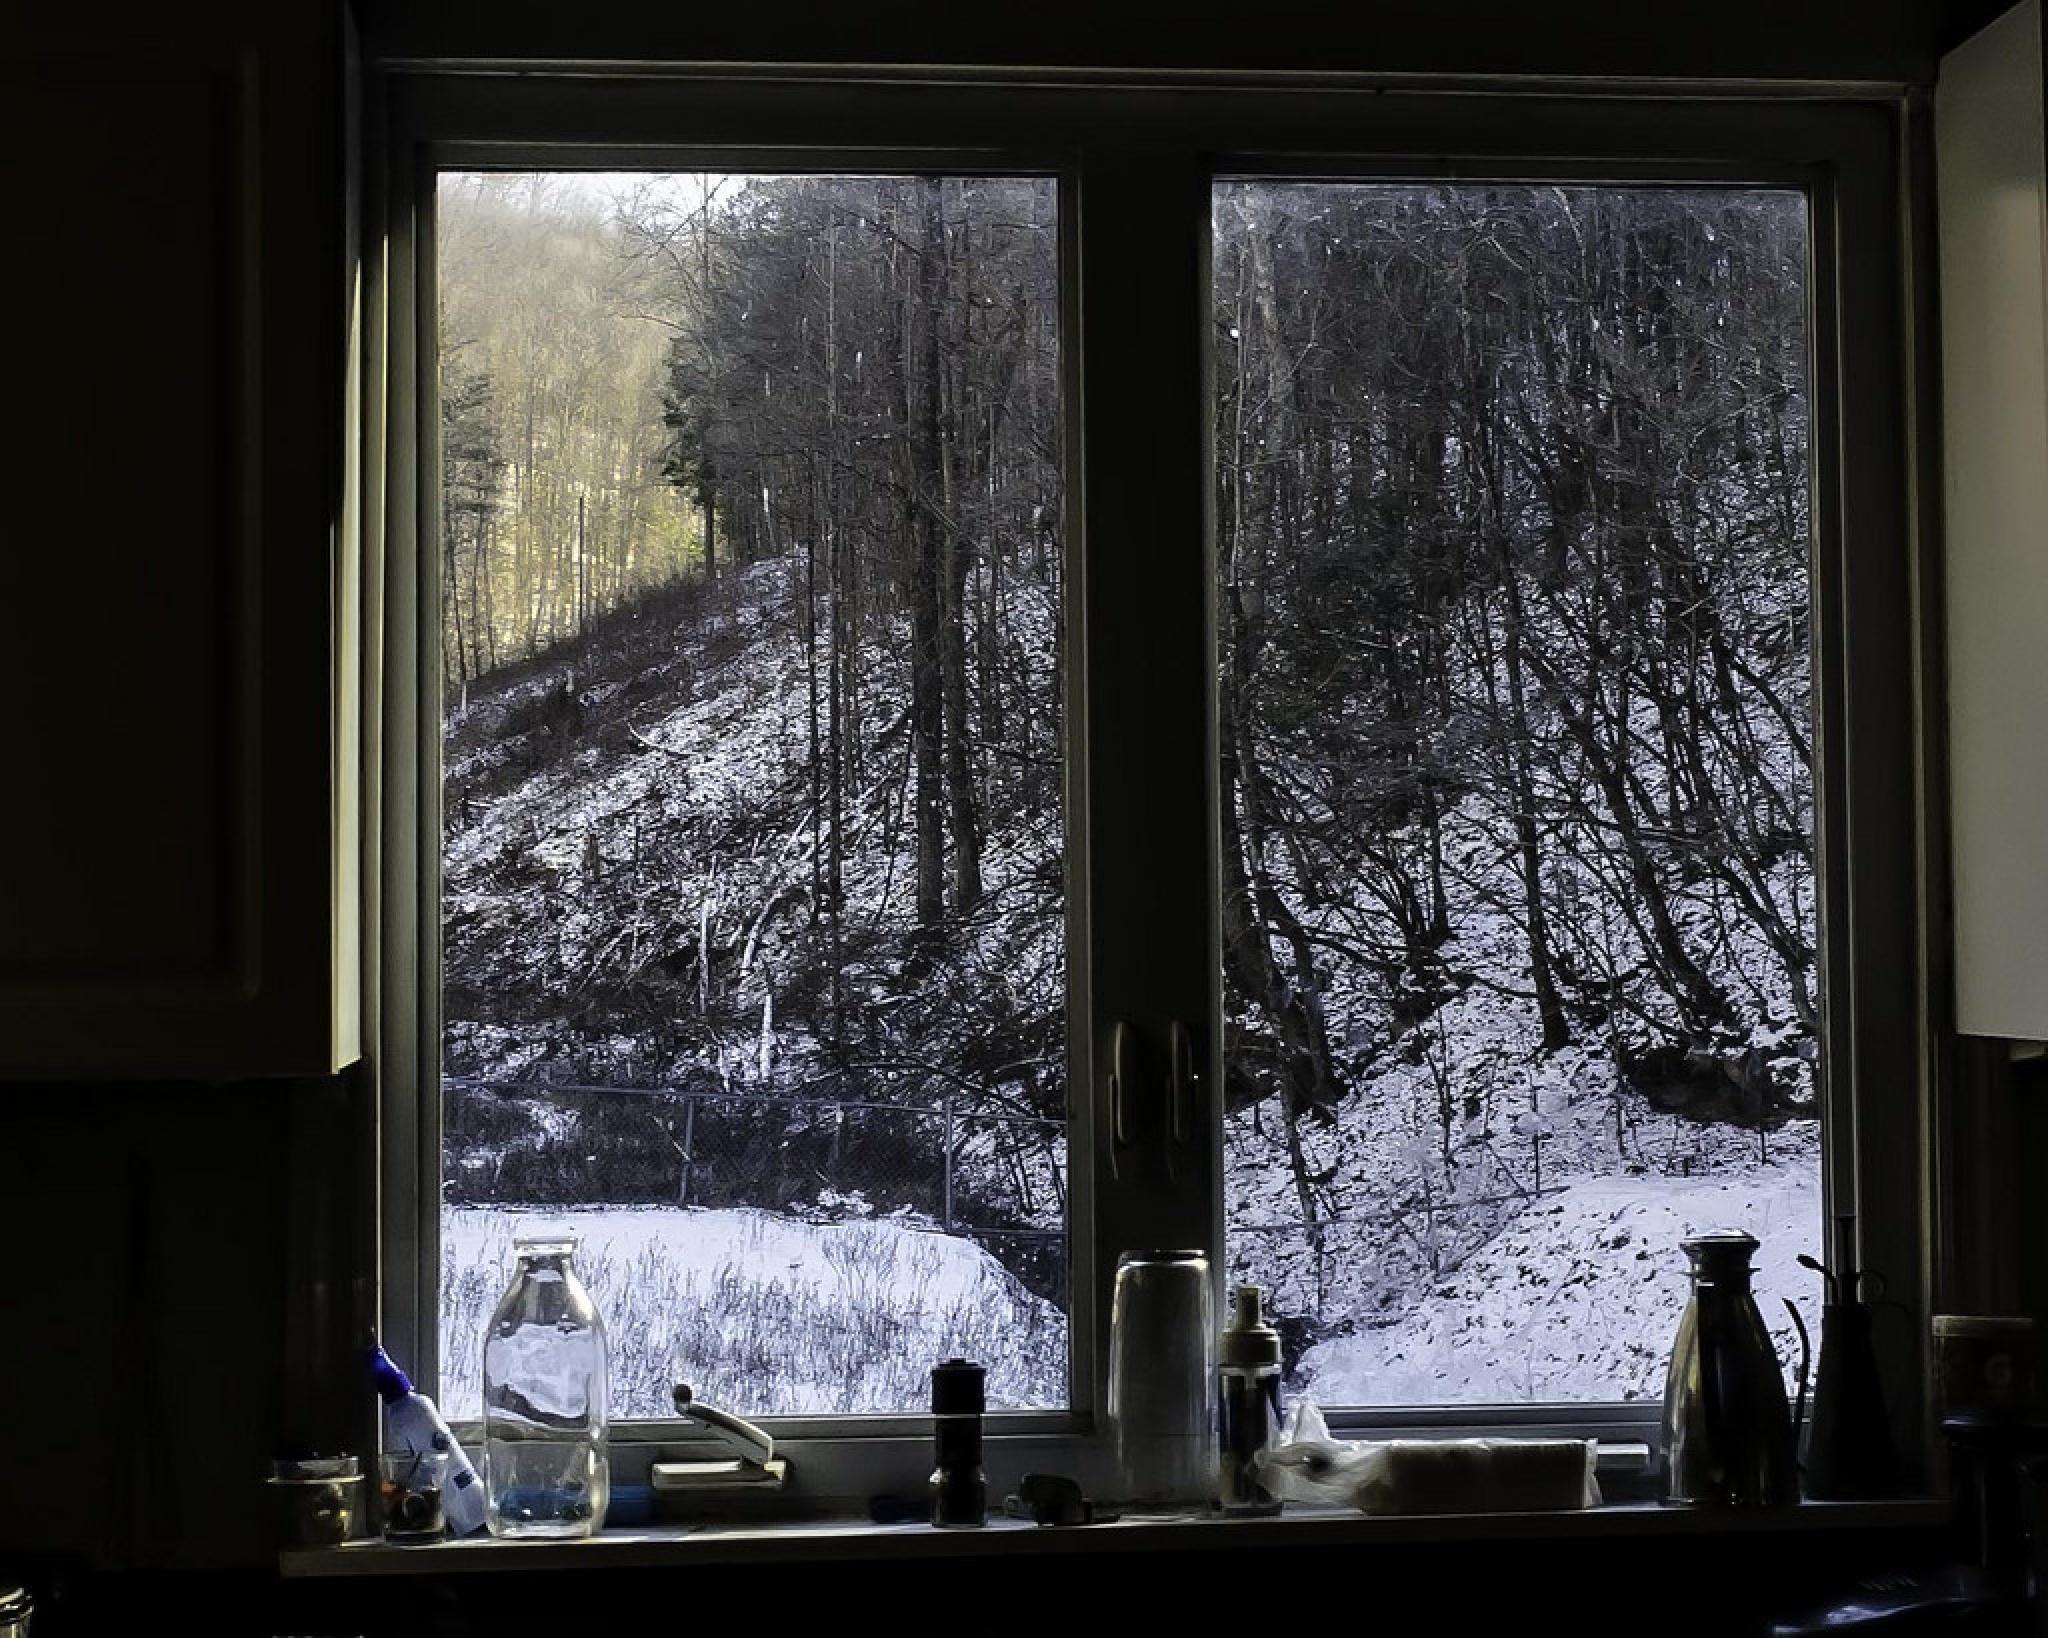 Thru A Winter Window by Edward Brown